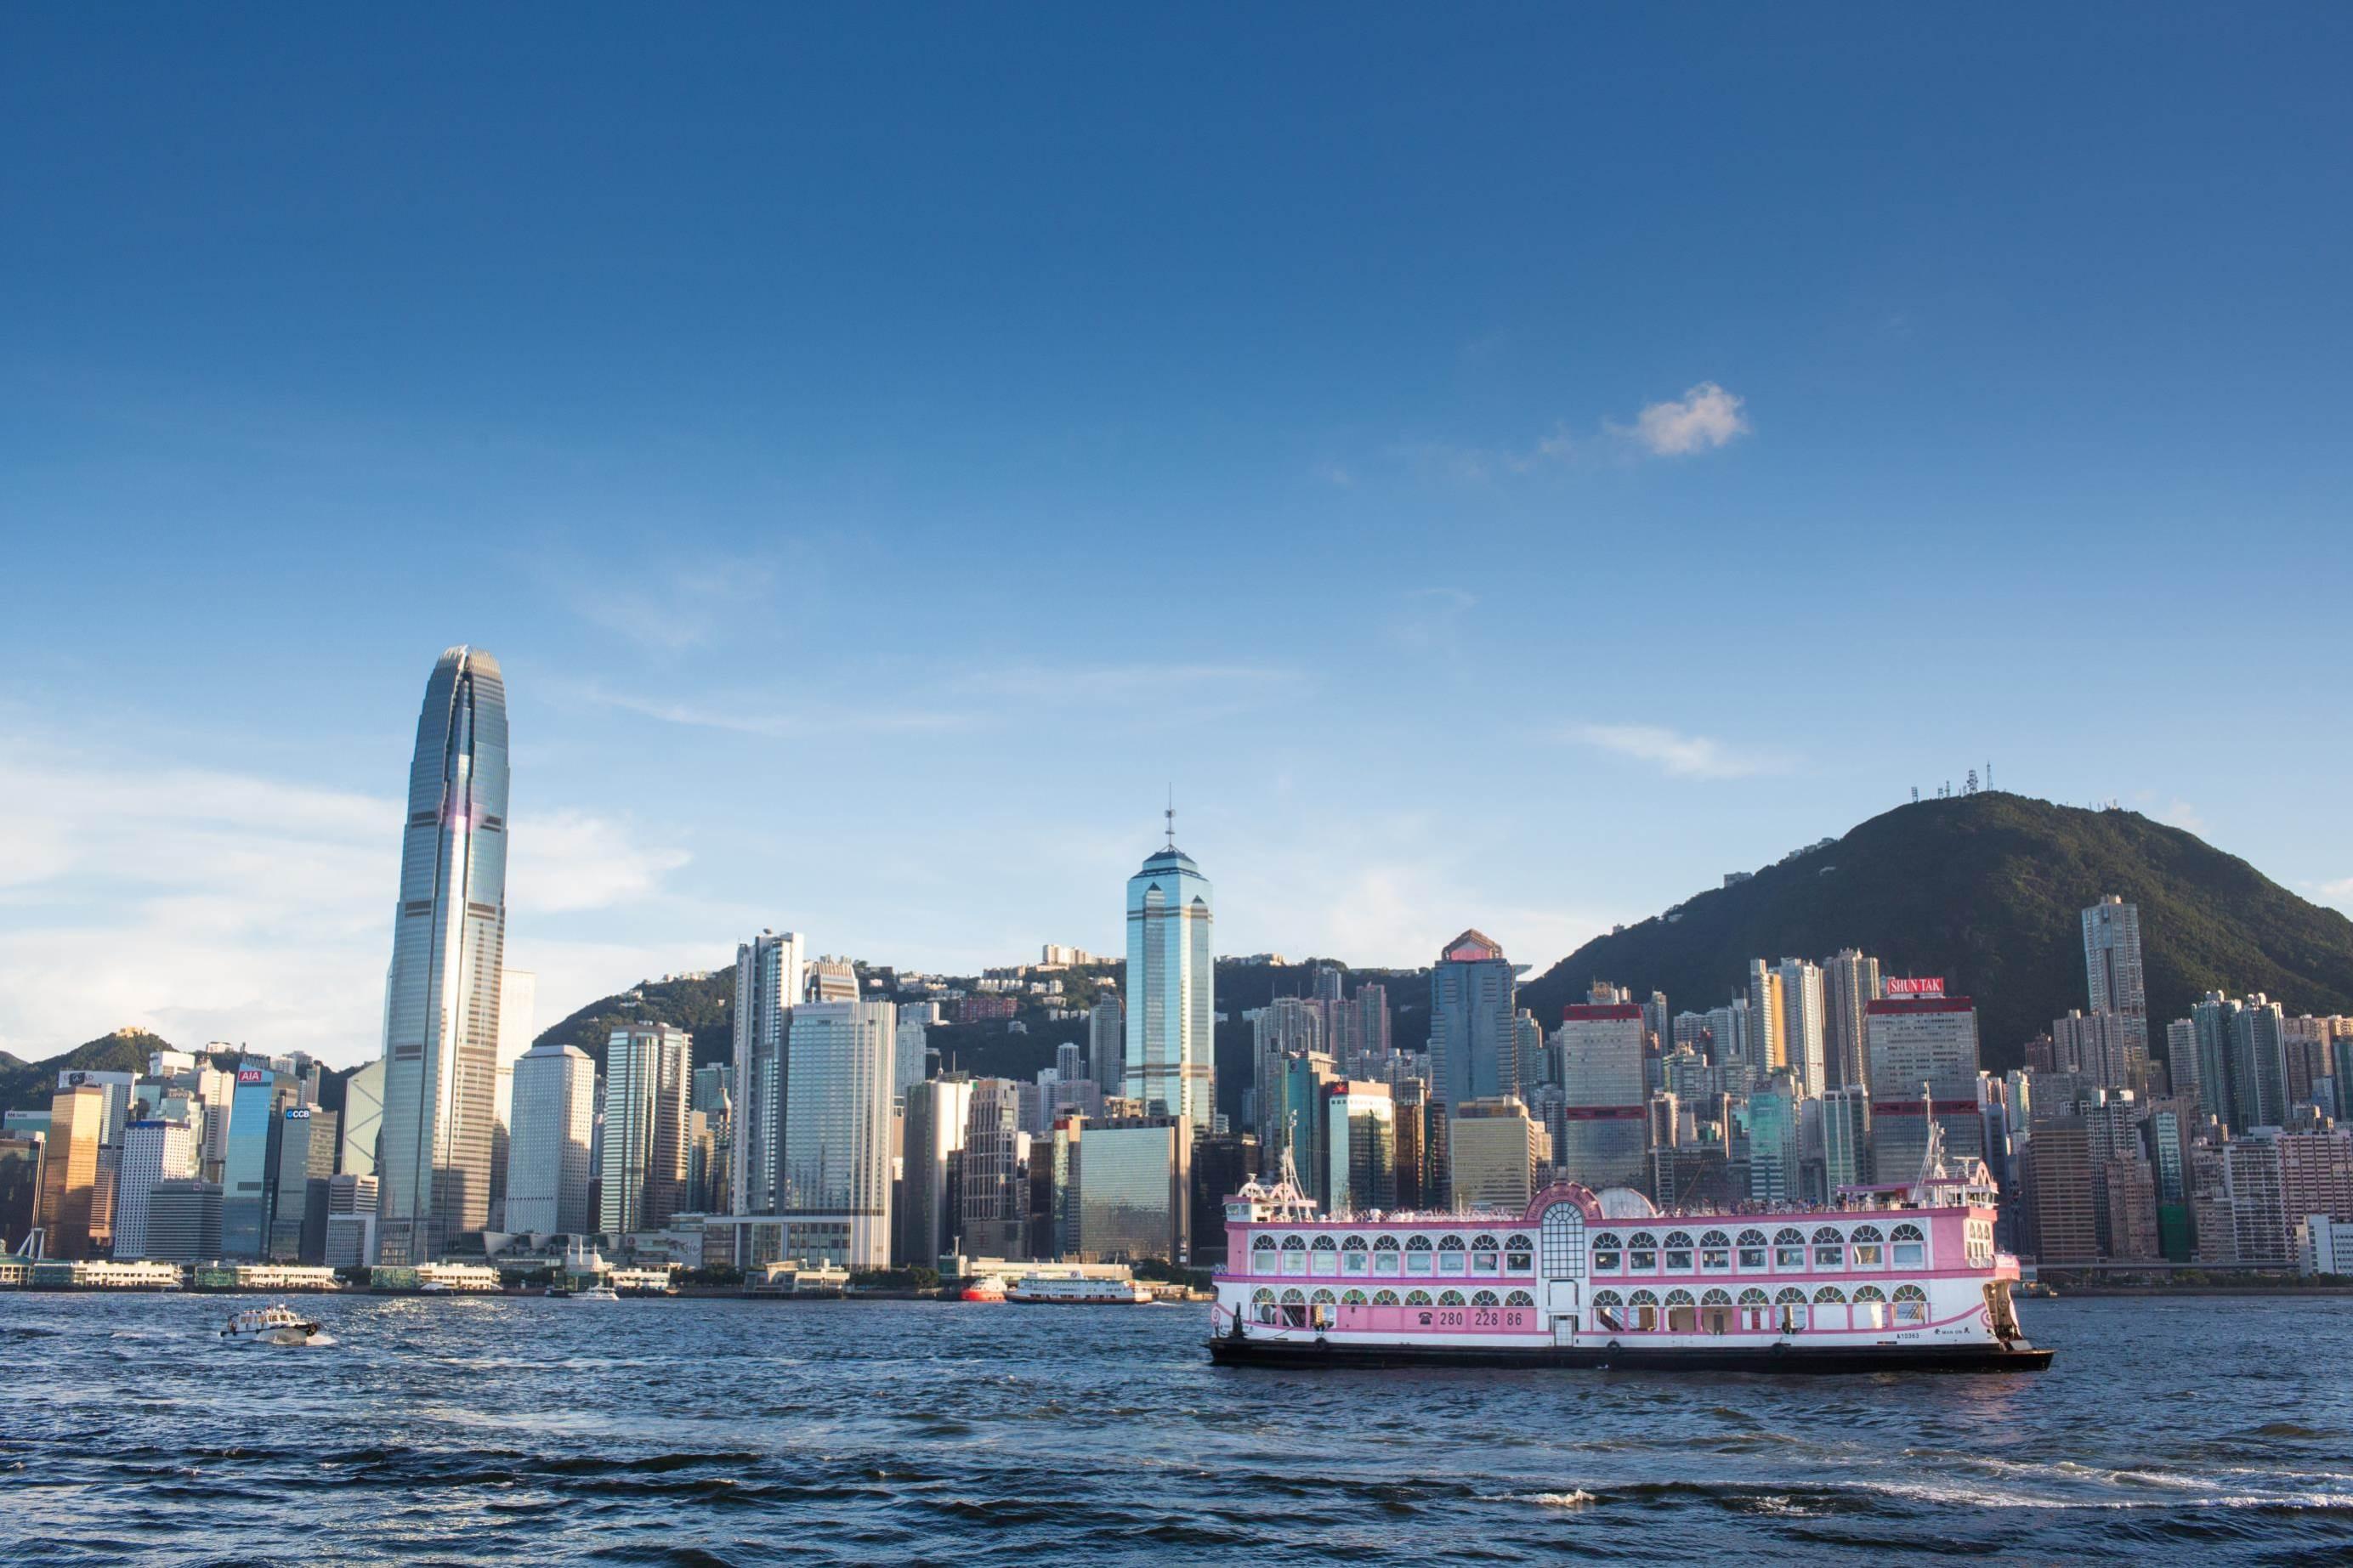 http://ubeat.com.cuhk.edu.hk/wp-content/uploads/2018/139_ferry_13.jpg